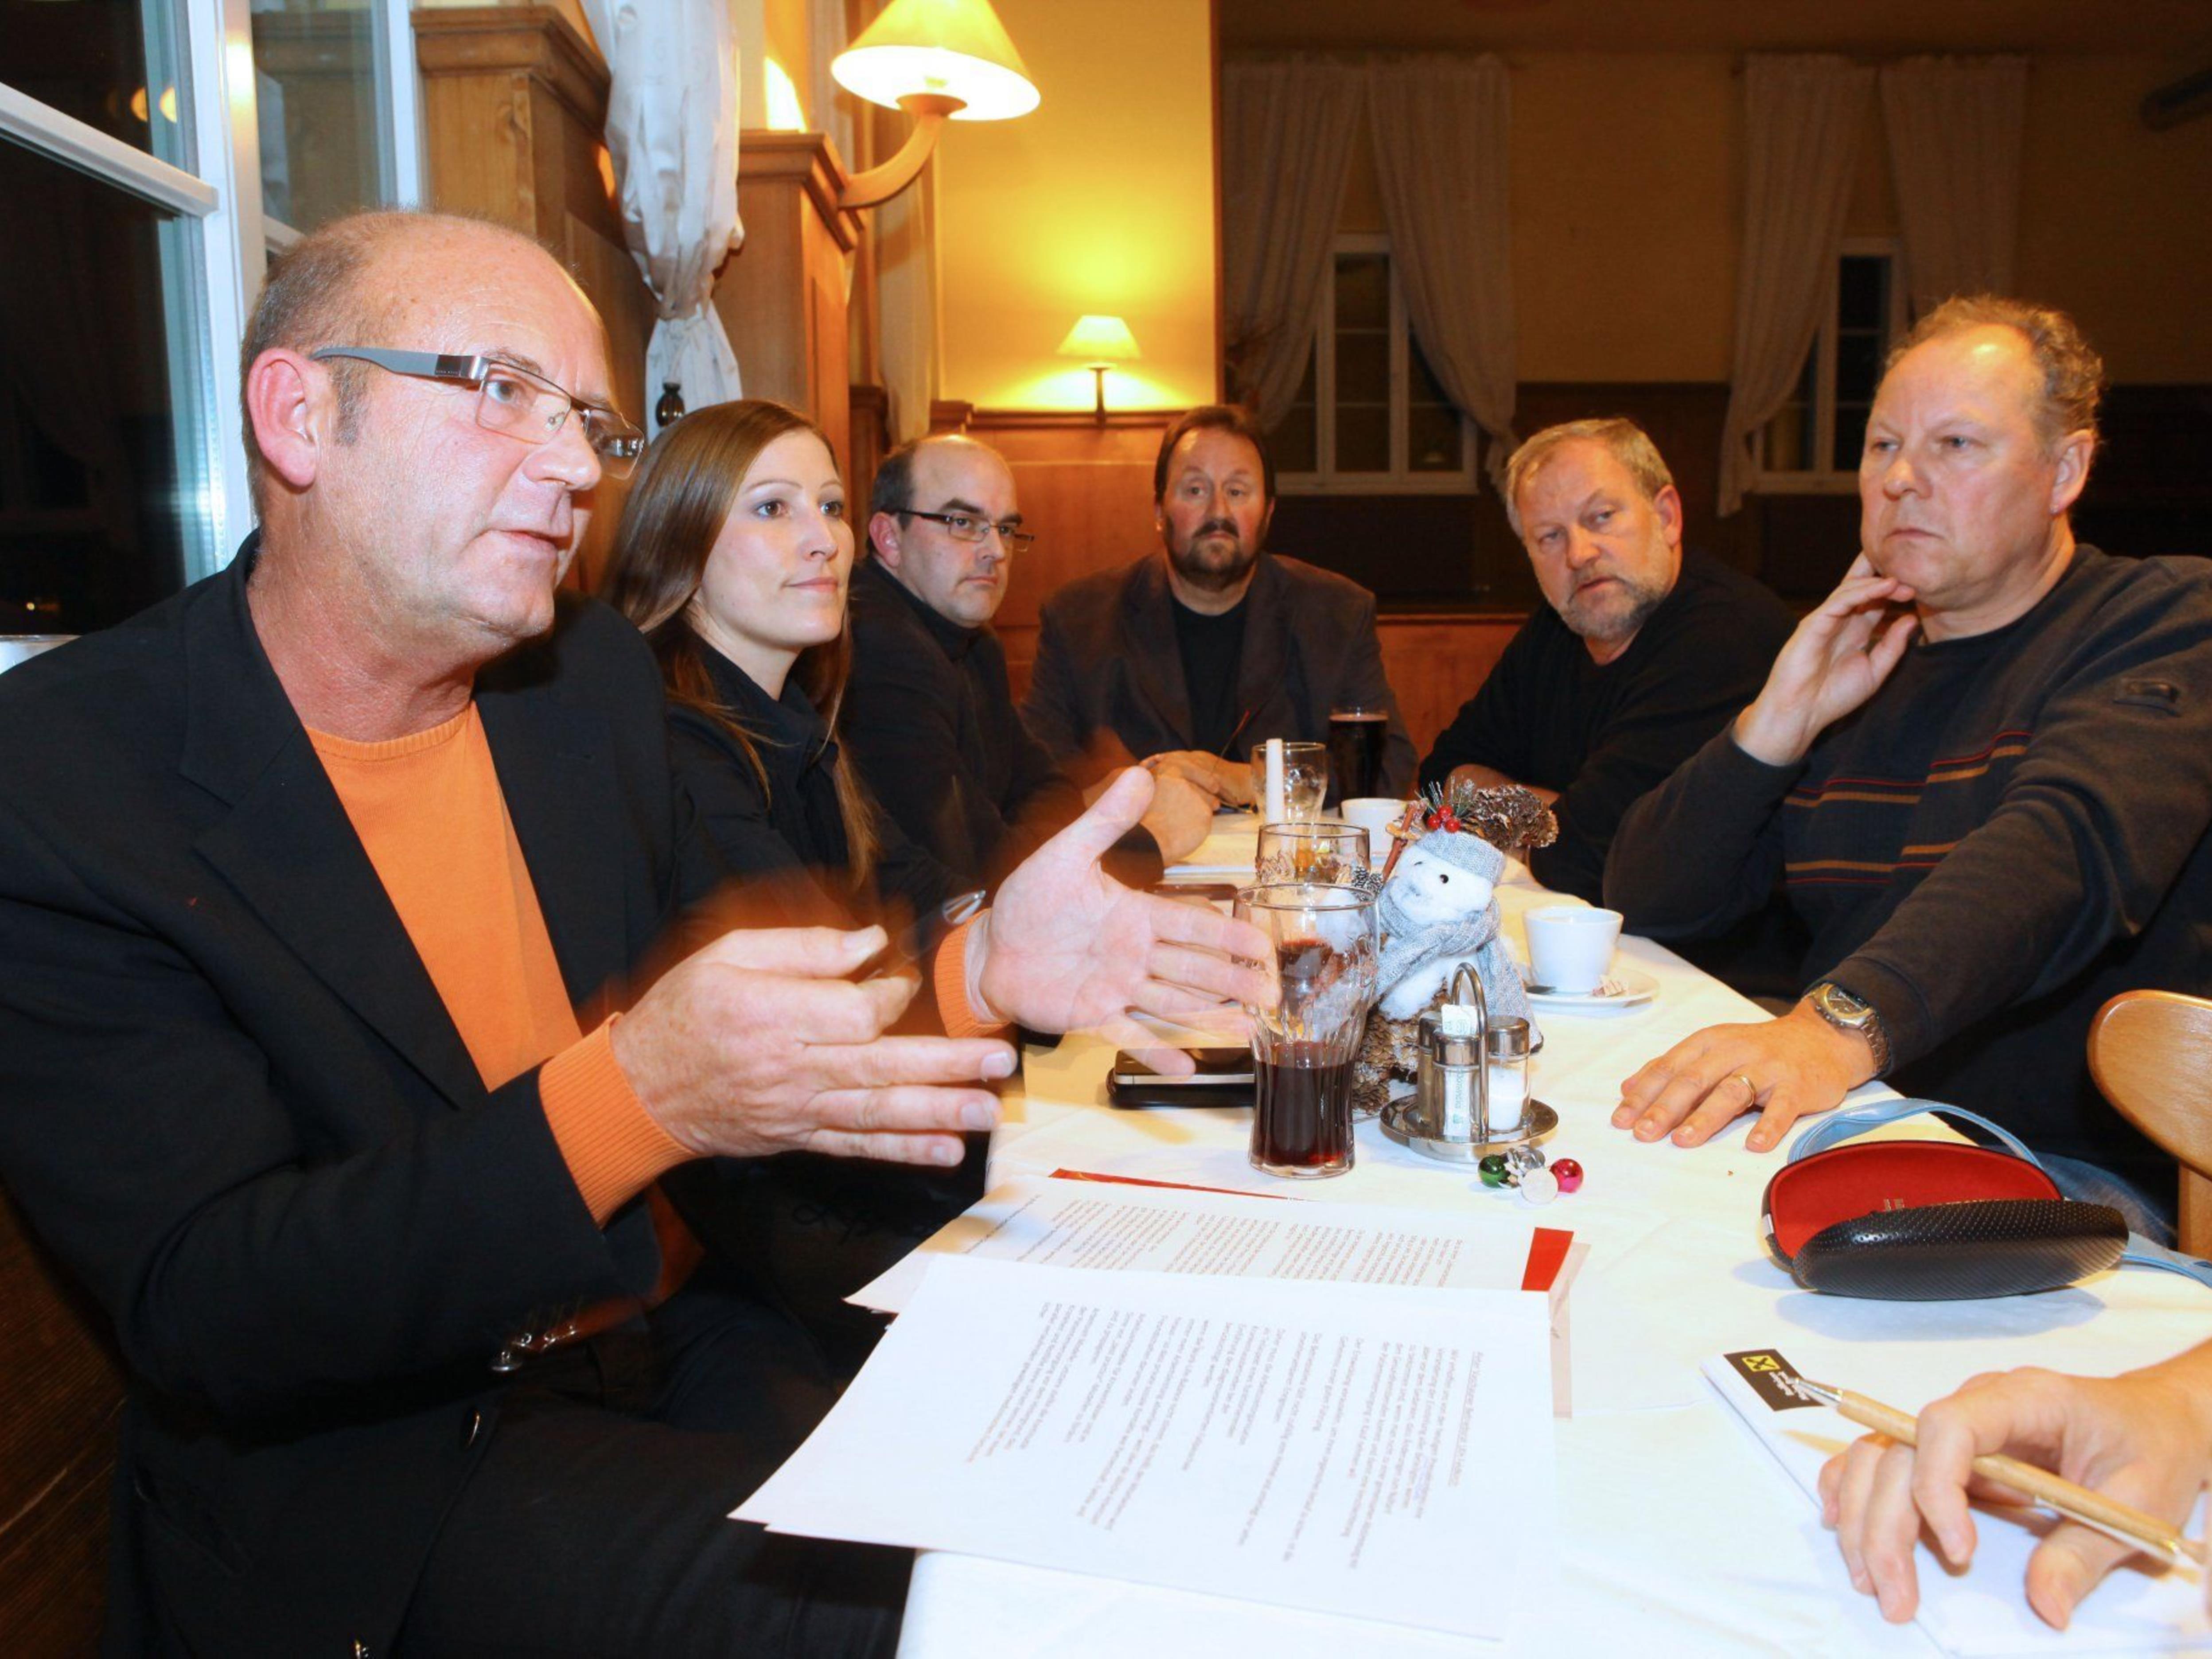 Peter Vaschauner, Astrid Breuß, Thomas Steurer, Eugen Waibel, Hermann Vögel und Gerhard Hipp (v. l.): Die LKH-Betriebsräte legten ihre dringendsten Anliegen auf den Tisch.